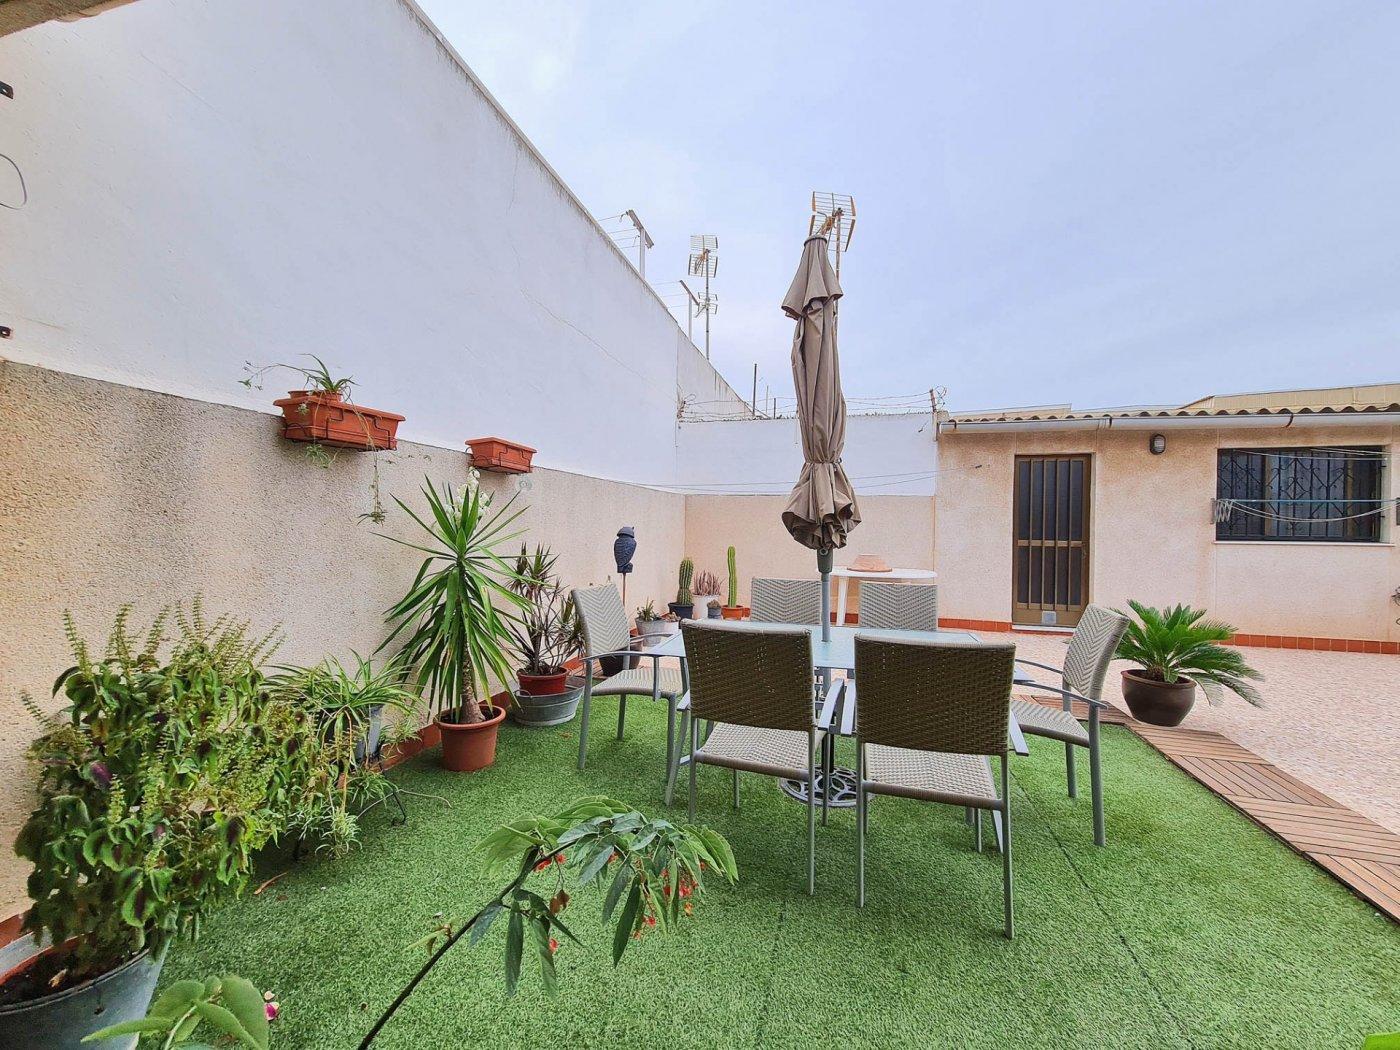 casa-con-terreno en cartagena · san-anton 279000€